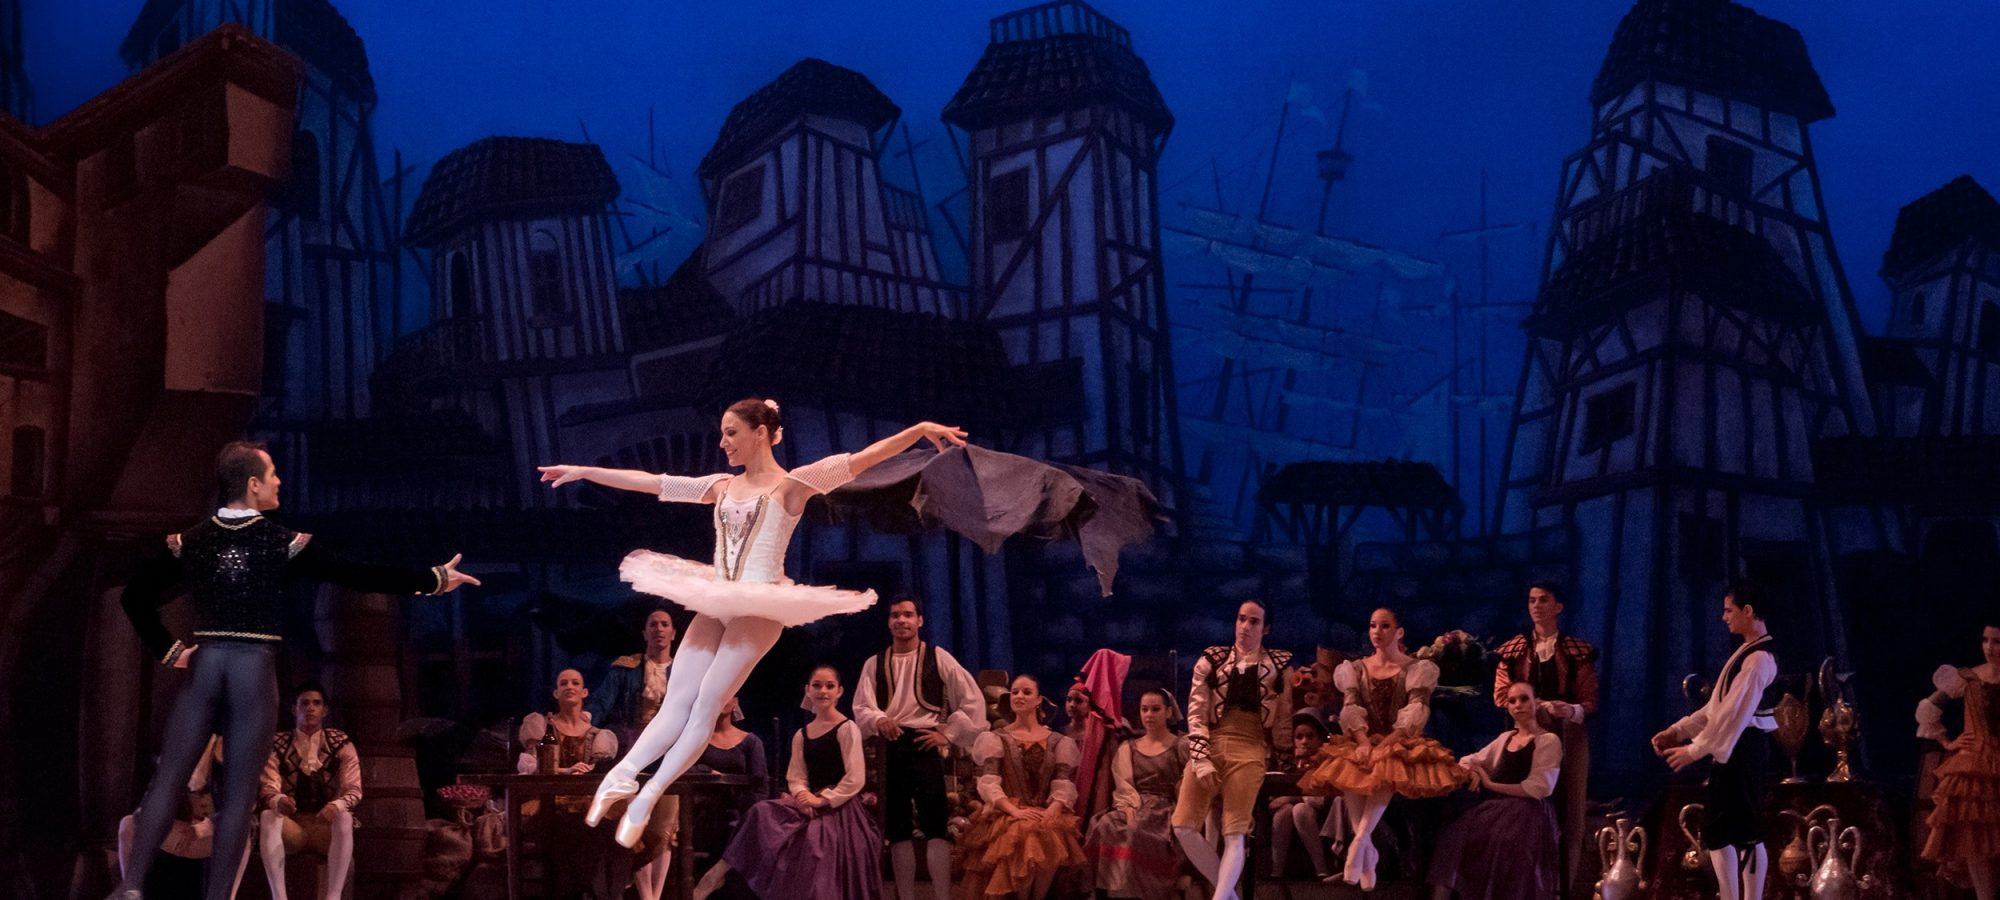 actors-artists-ballet-45258